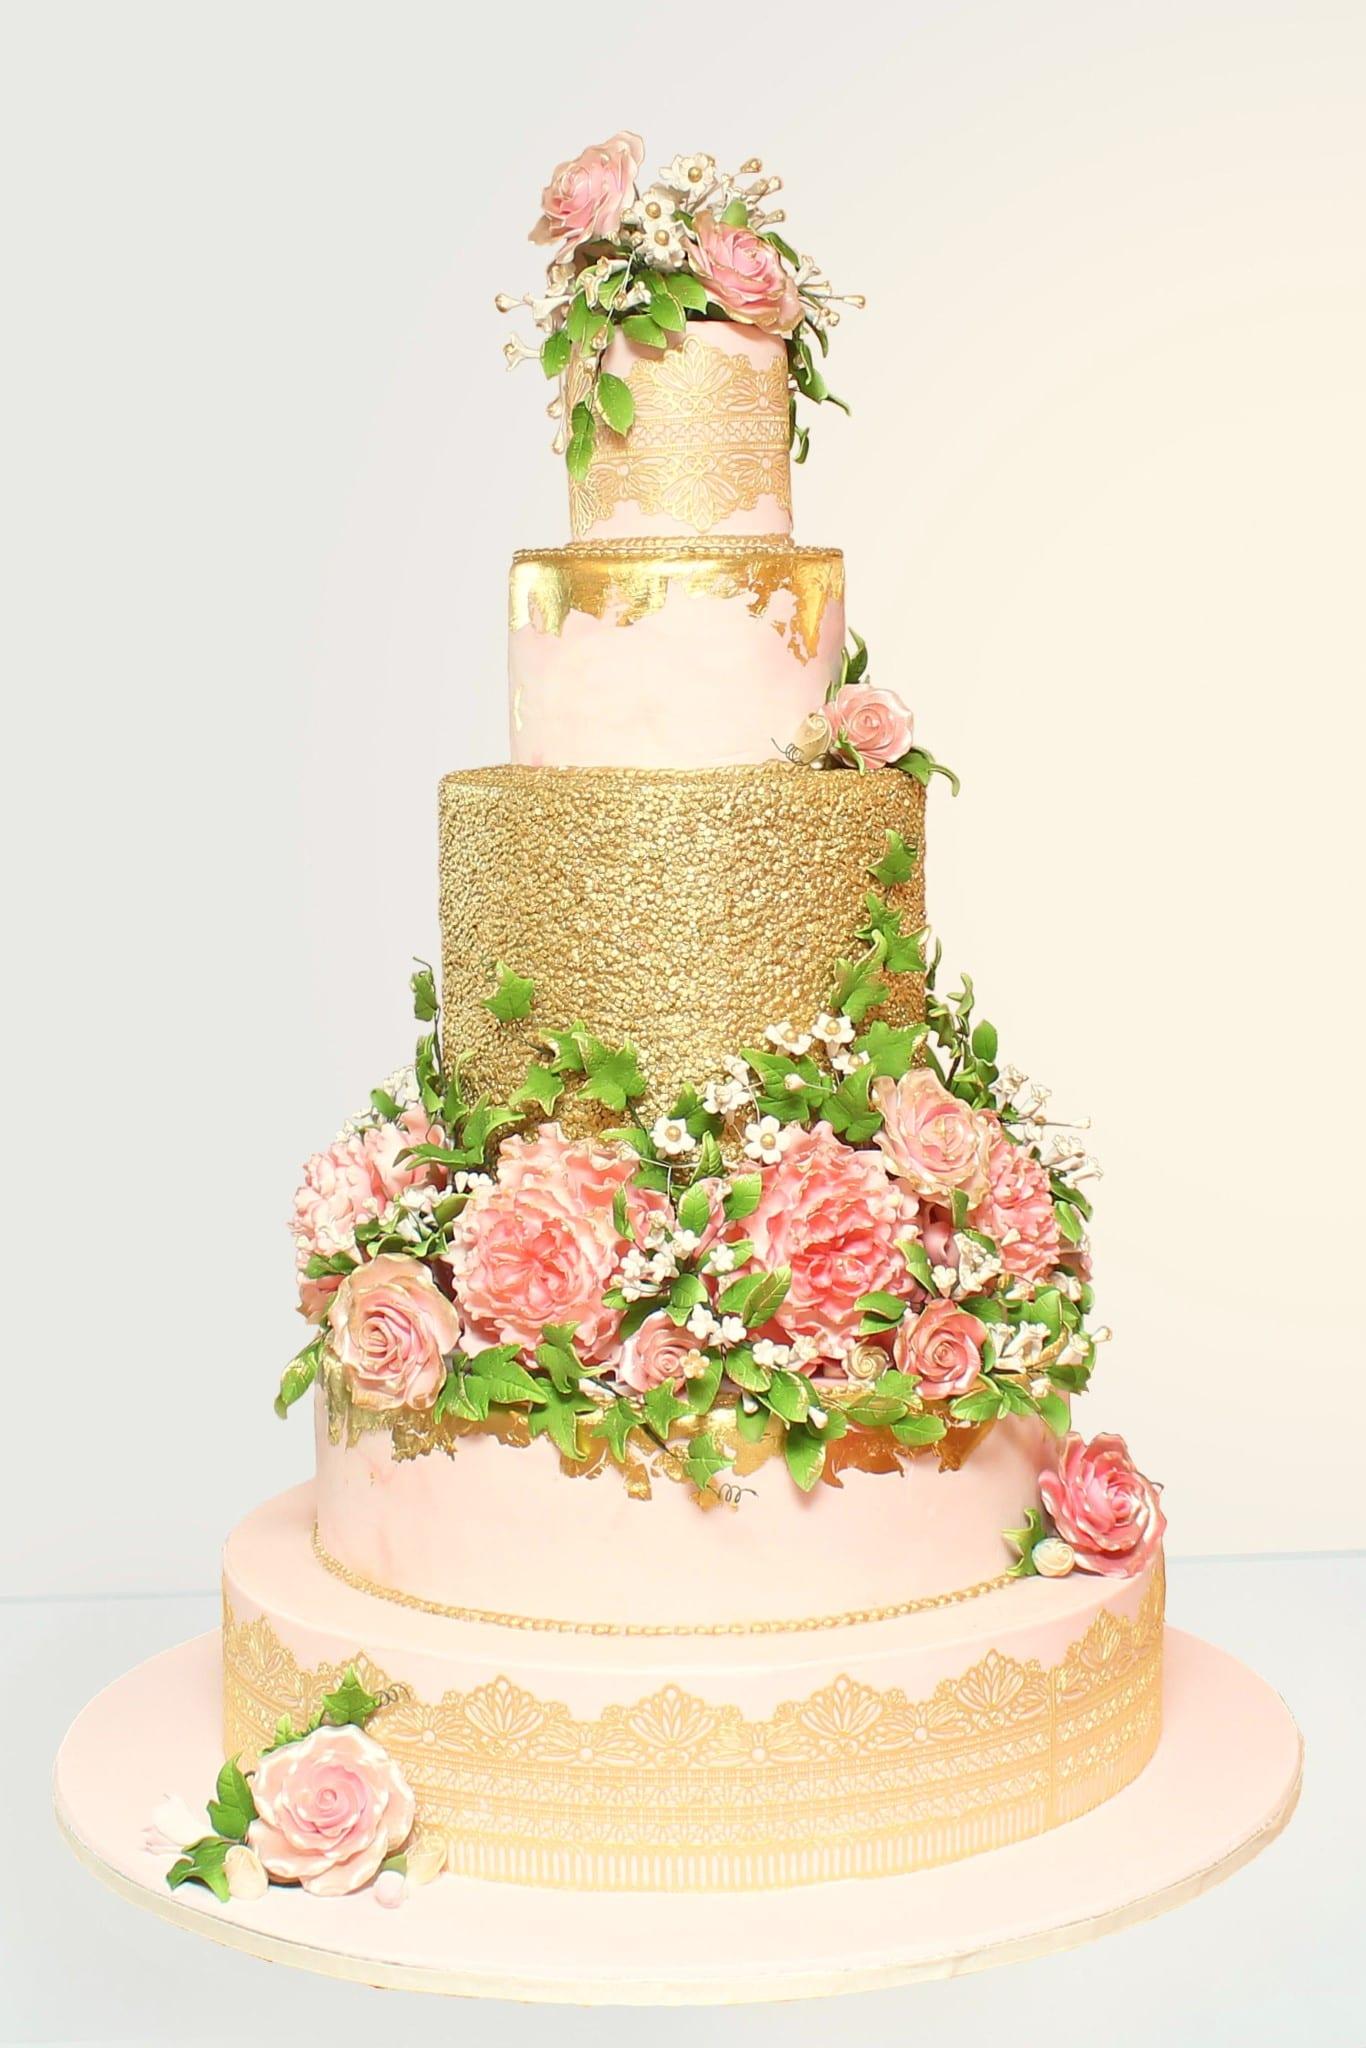 WEDDING CAKES - Carlton\'s Cakes